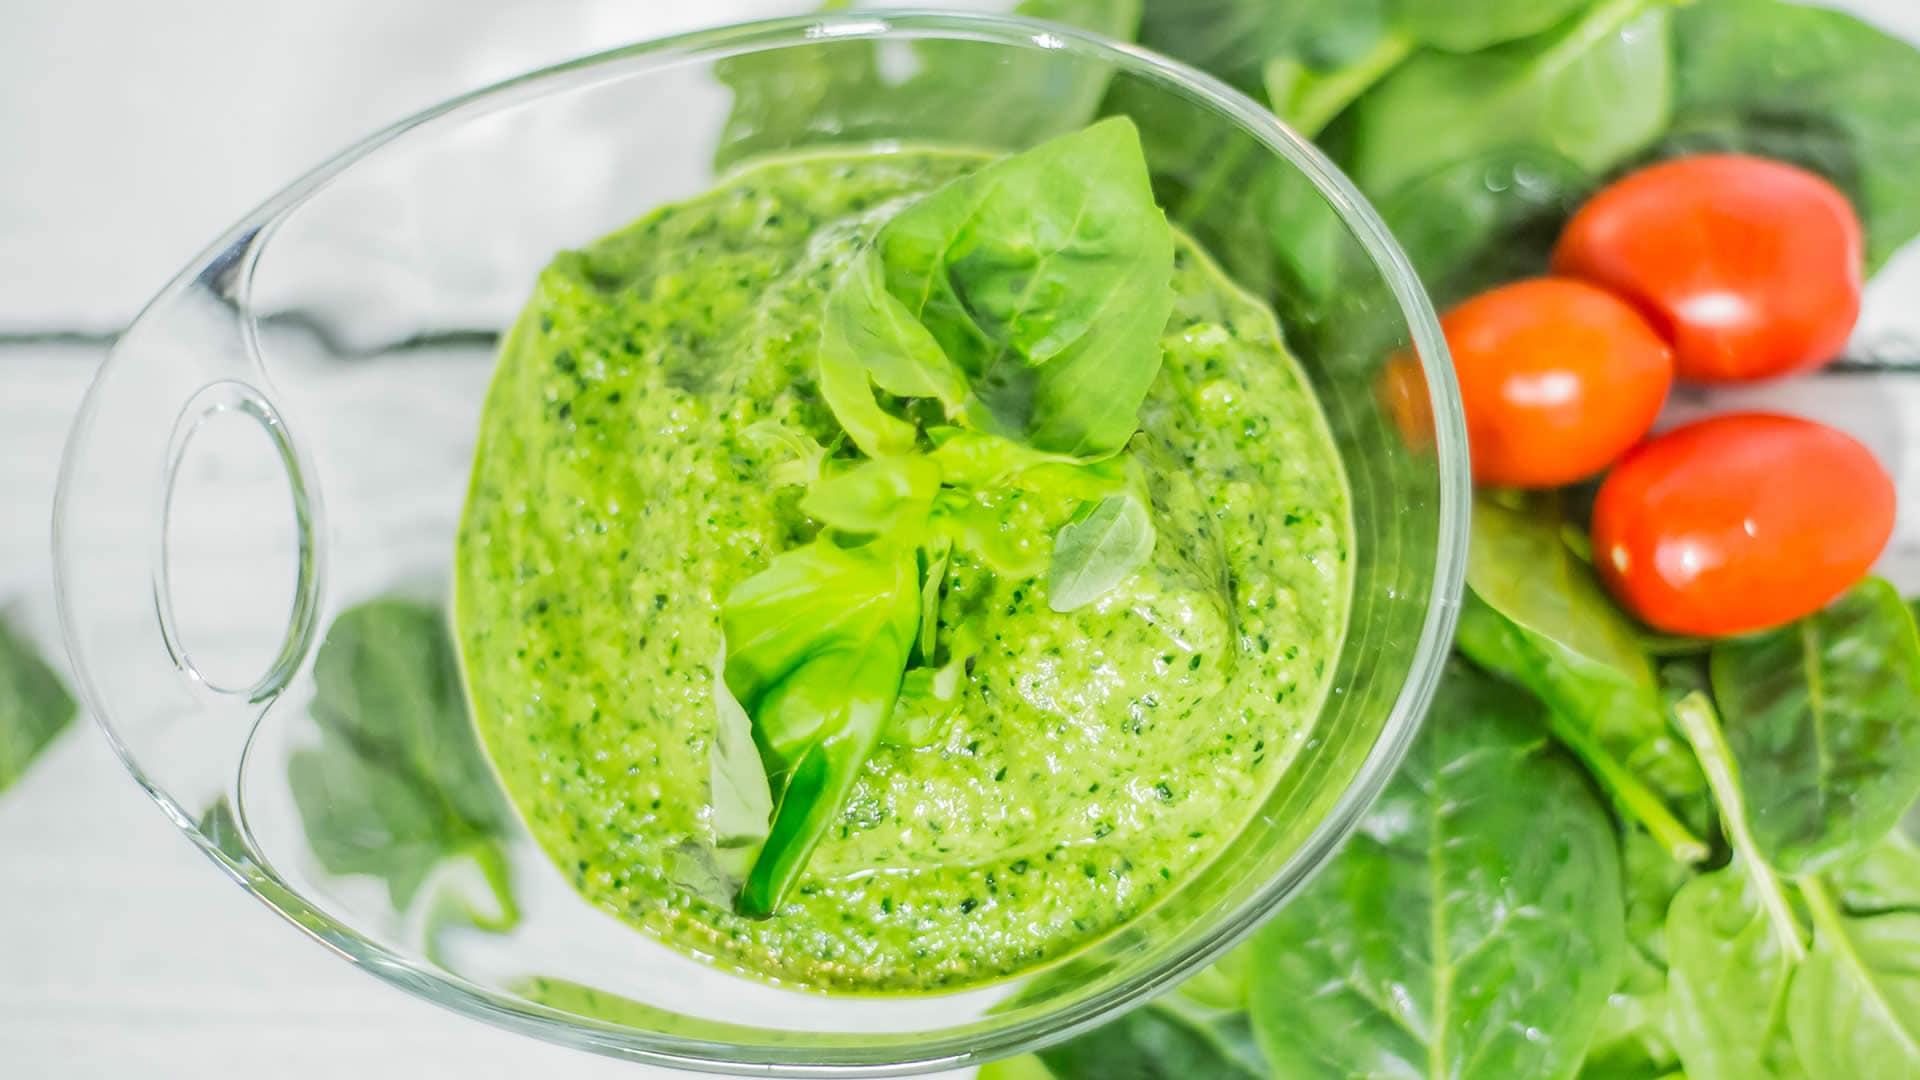 Foto Pesto di Spinaci - Salsa con Spinaci, Basilico e Avocado